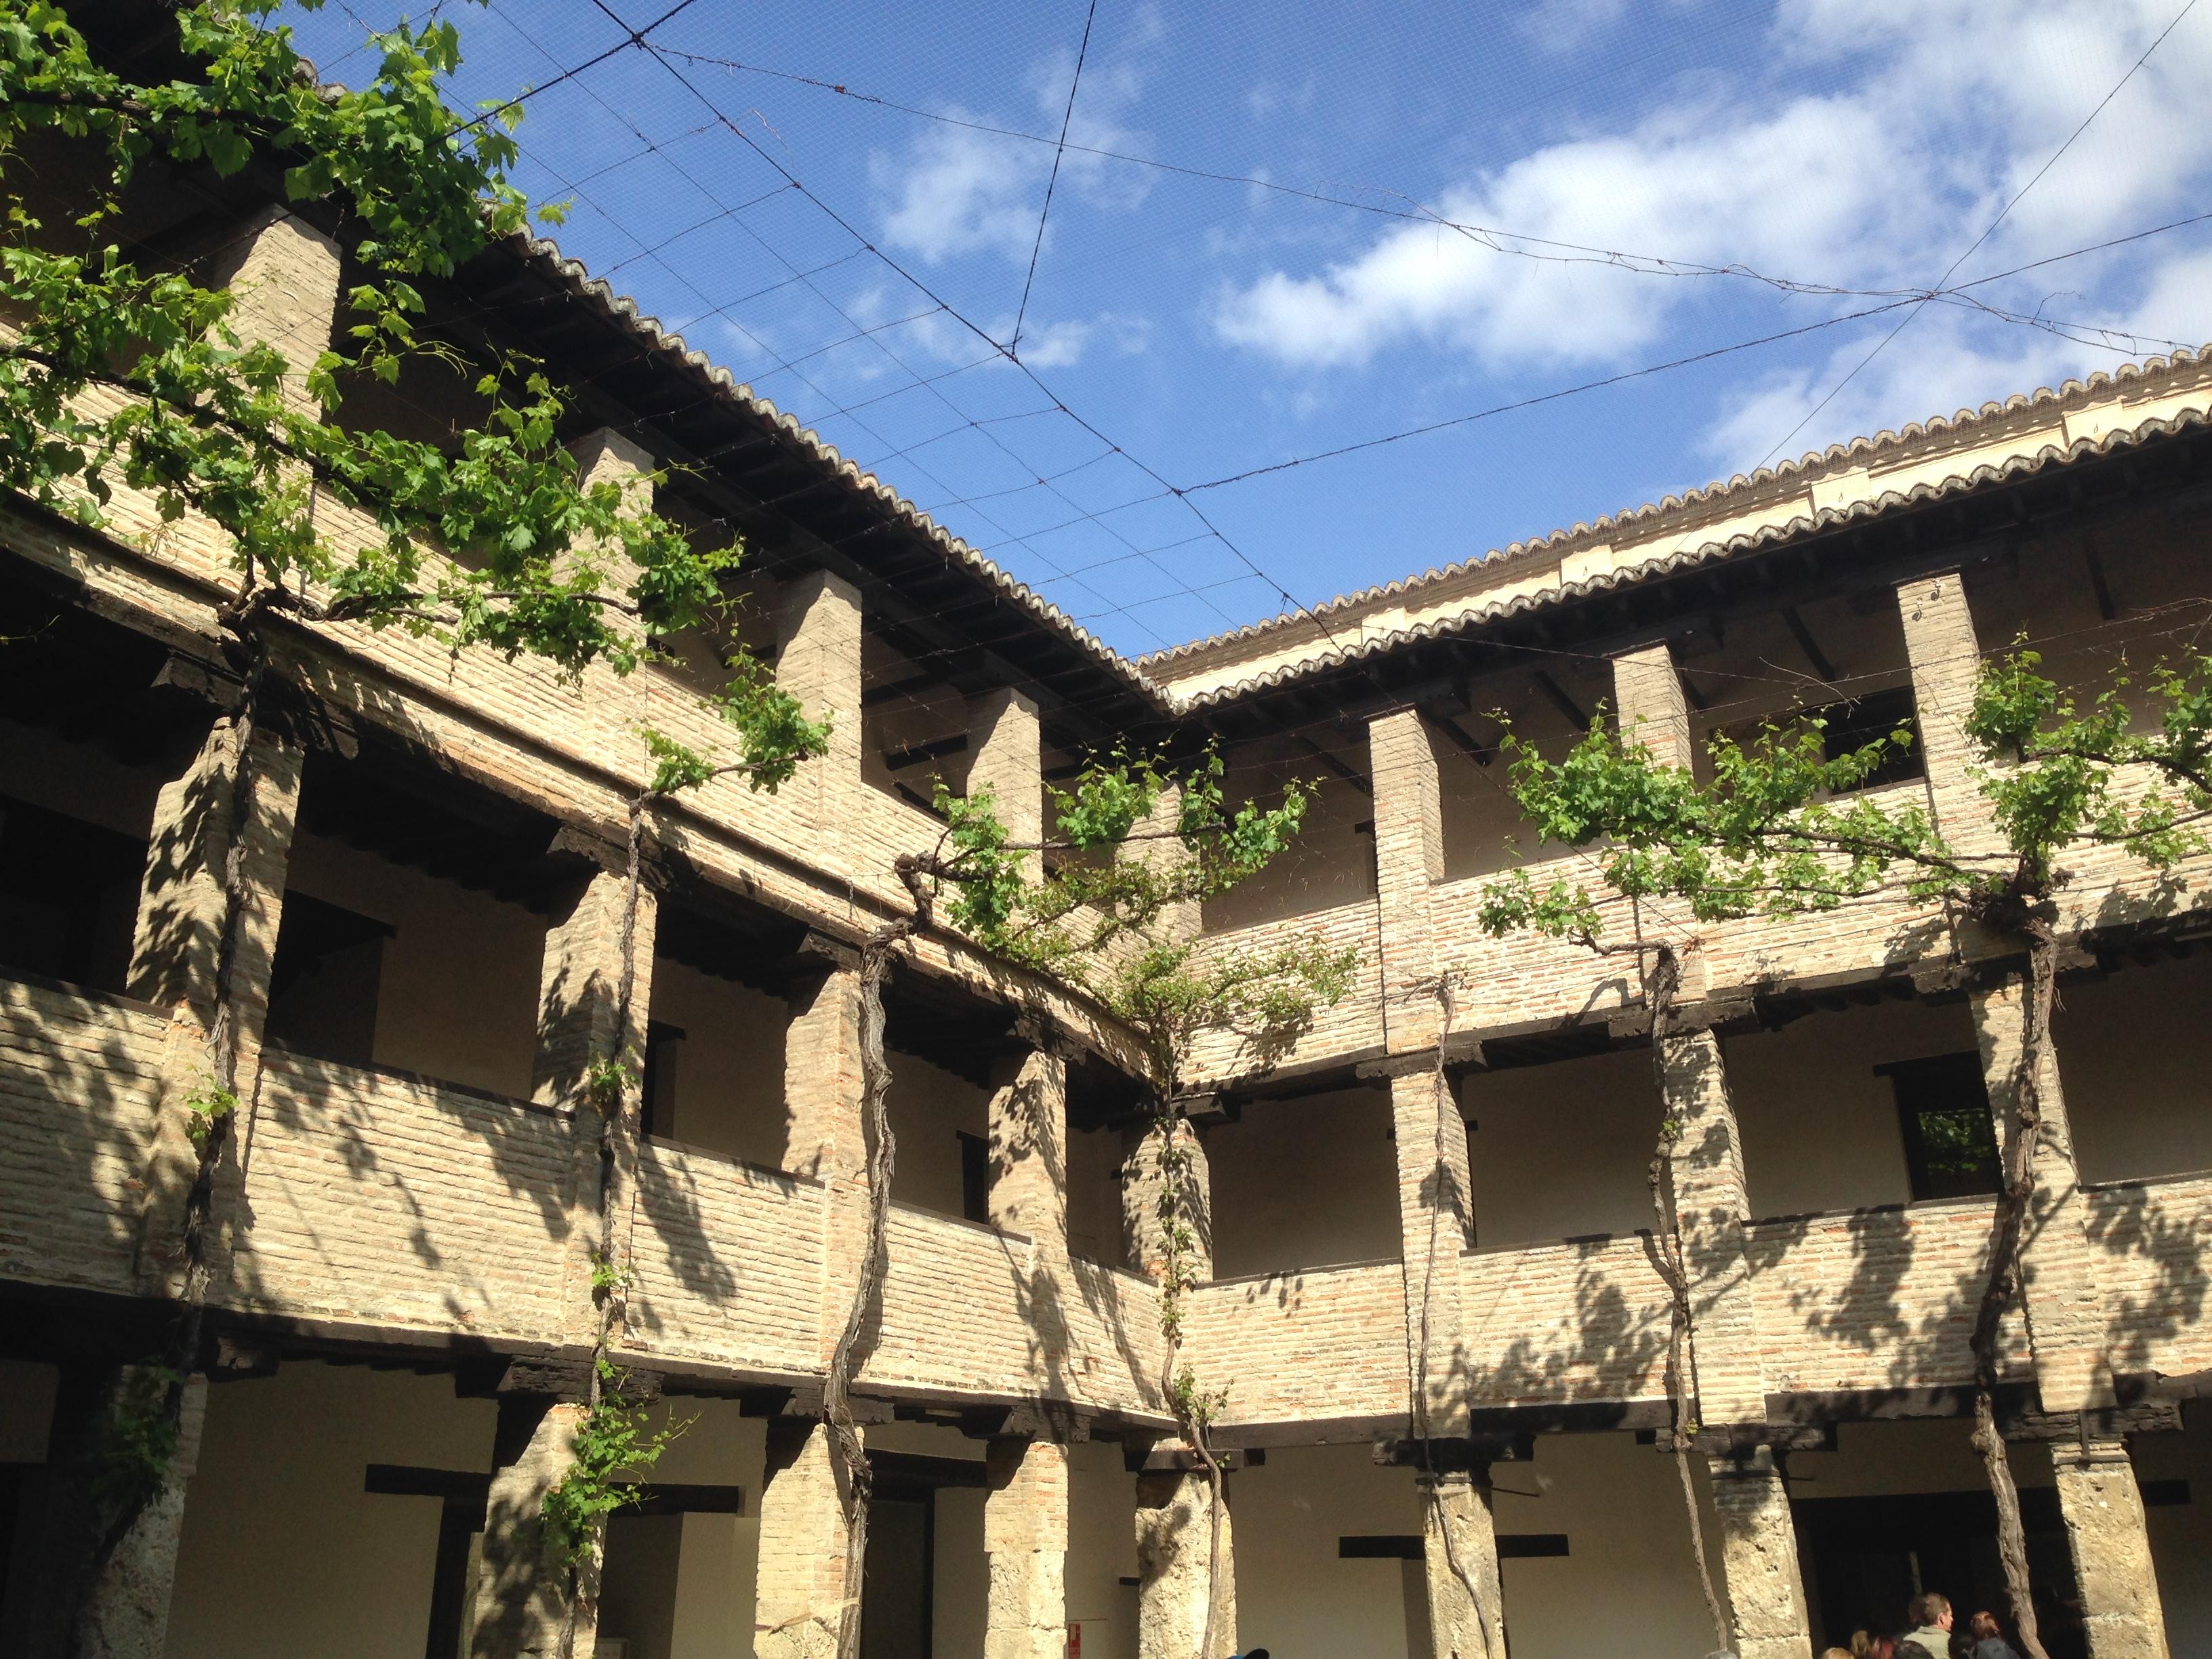 Die Geschichte von Andalusien und der maurische Einfluss ist an diesem Gebäude erkennbar. Ein Patio ist noch heute sehr beliebt.